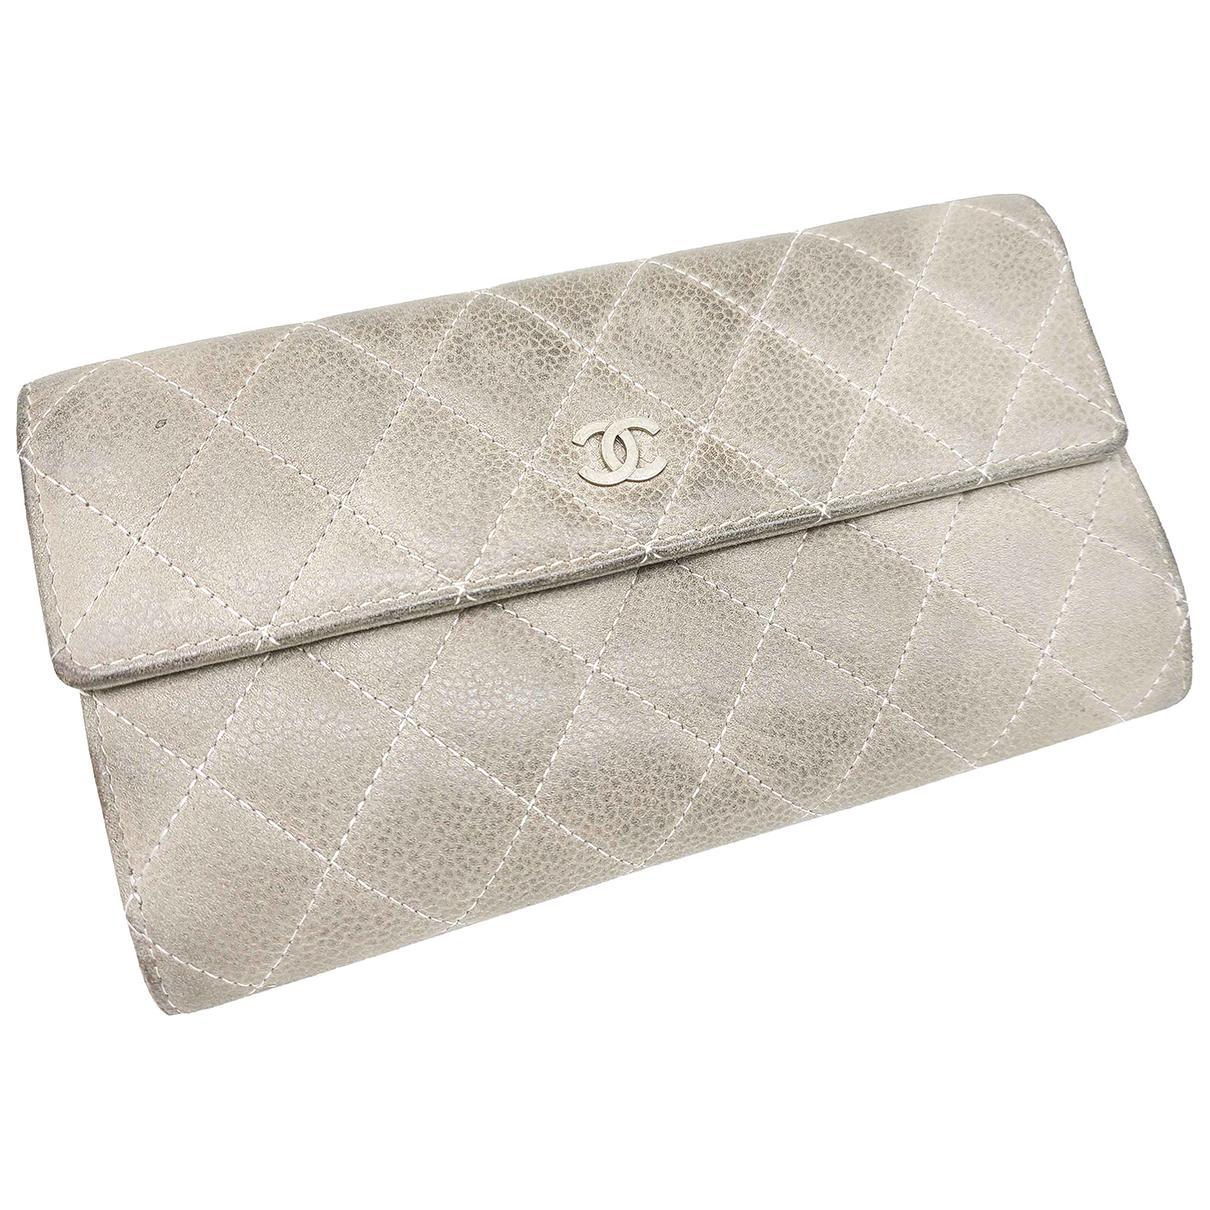 Chanel - Portefeuille Timeless/Classique pour femme en cuir - gris